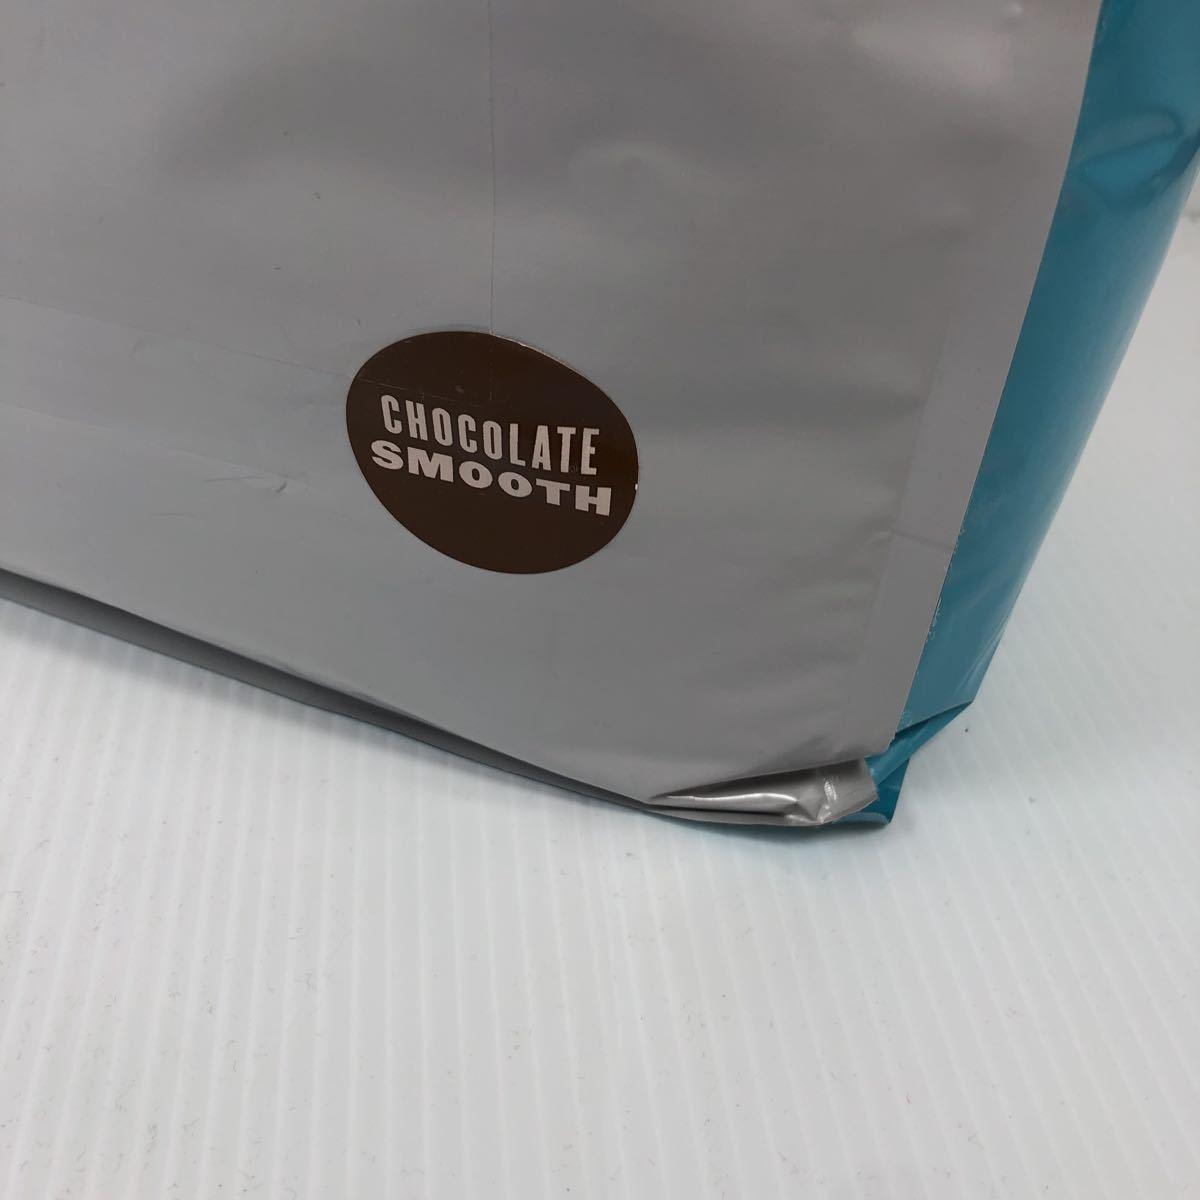 破れあり 1円スタート マイプロテイン MYPROTEIN ウエイトゲイナー チョコレートスムース 5kg 新品 未開封 _画像2